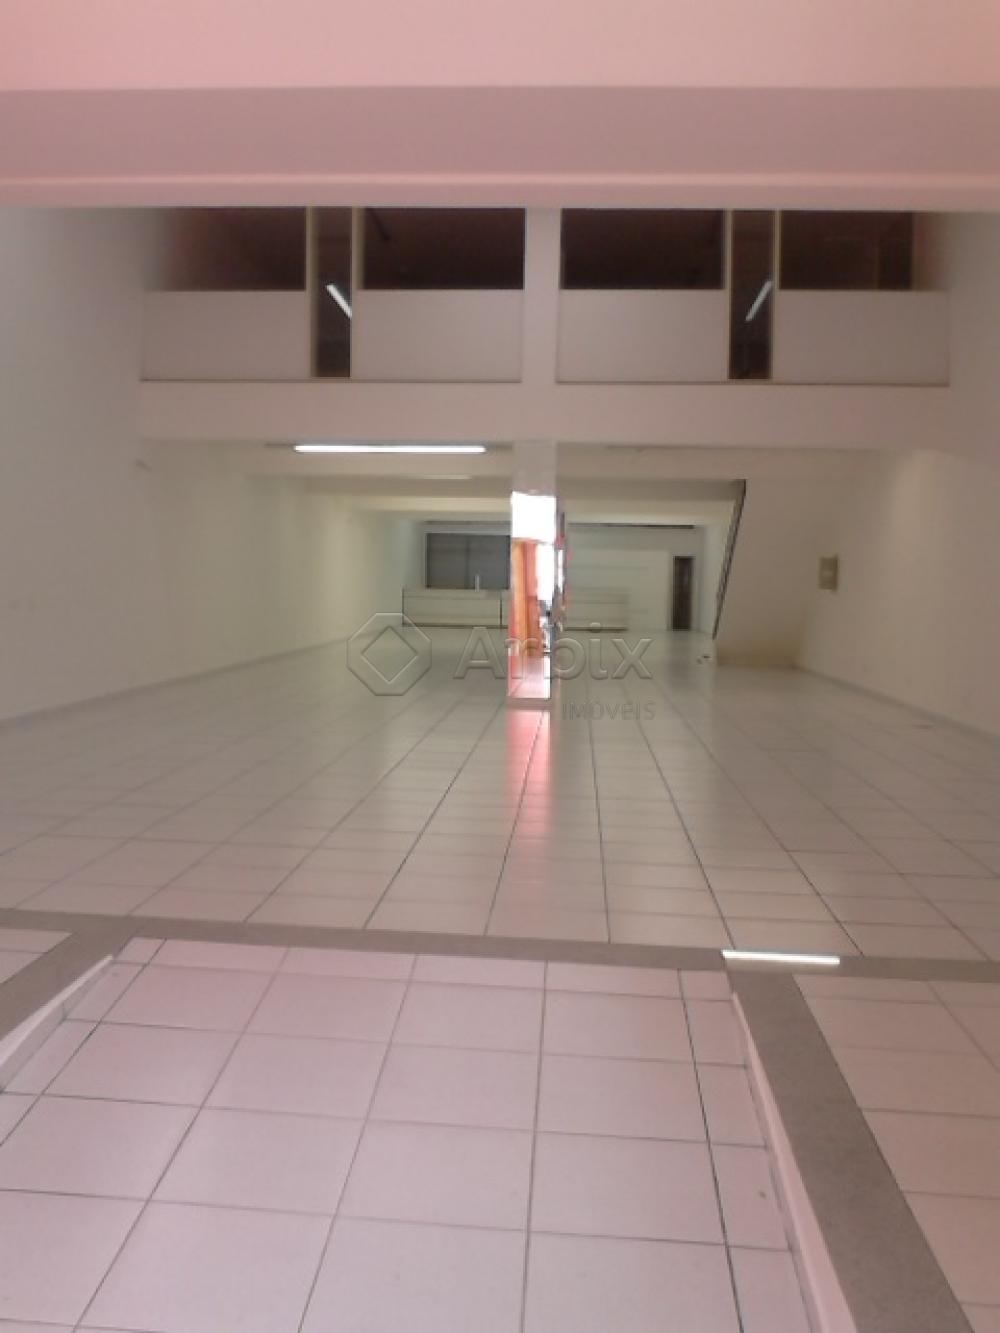 Alugar Comercial / Salão Comercial em Americana apenas R$ 9.000,00 - Foto 3